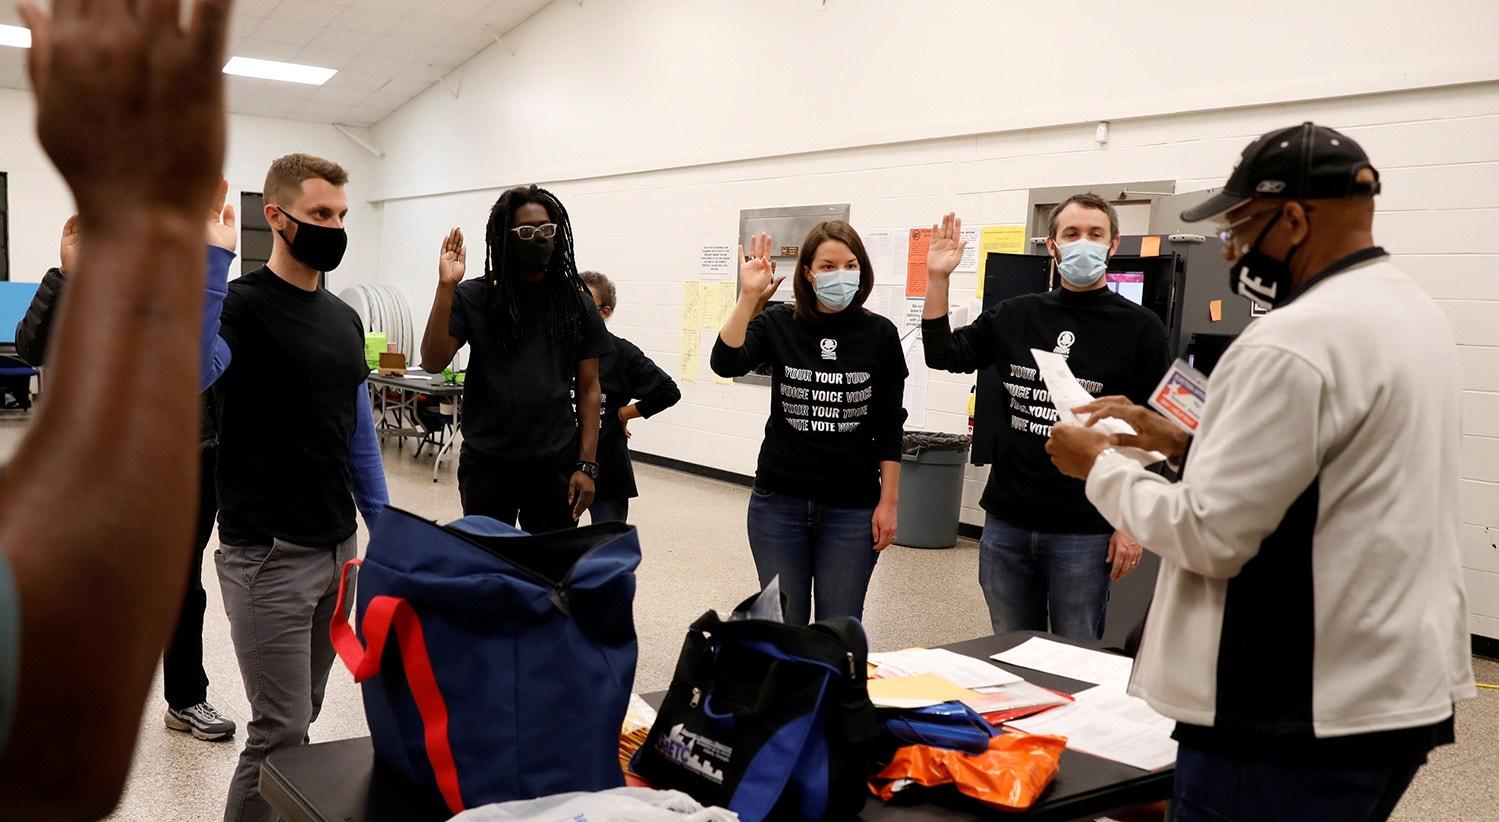 Os membros das mesas de voto prestam juramento na secção eleitoral do Condado de Fulton durante as eleições em Atlanta, Geórgia | REUTERS/Chris Aluka Berry